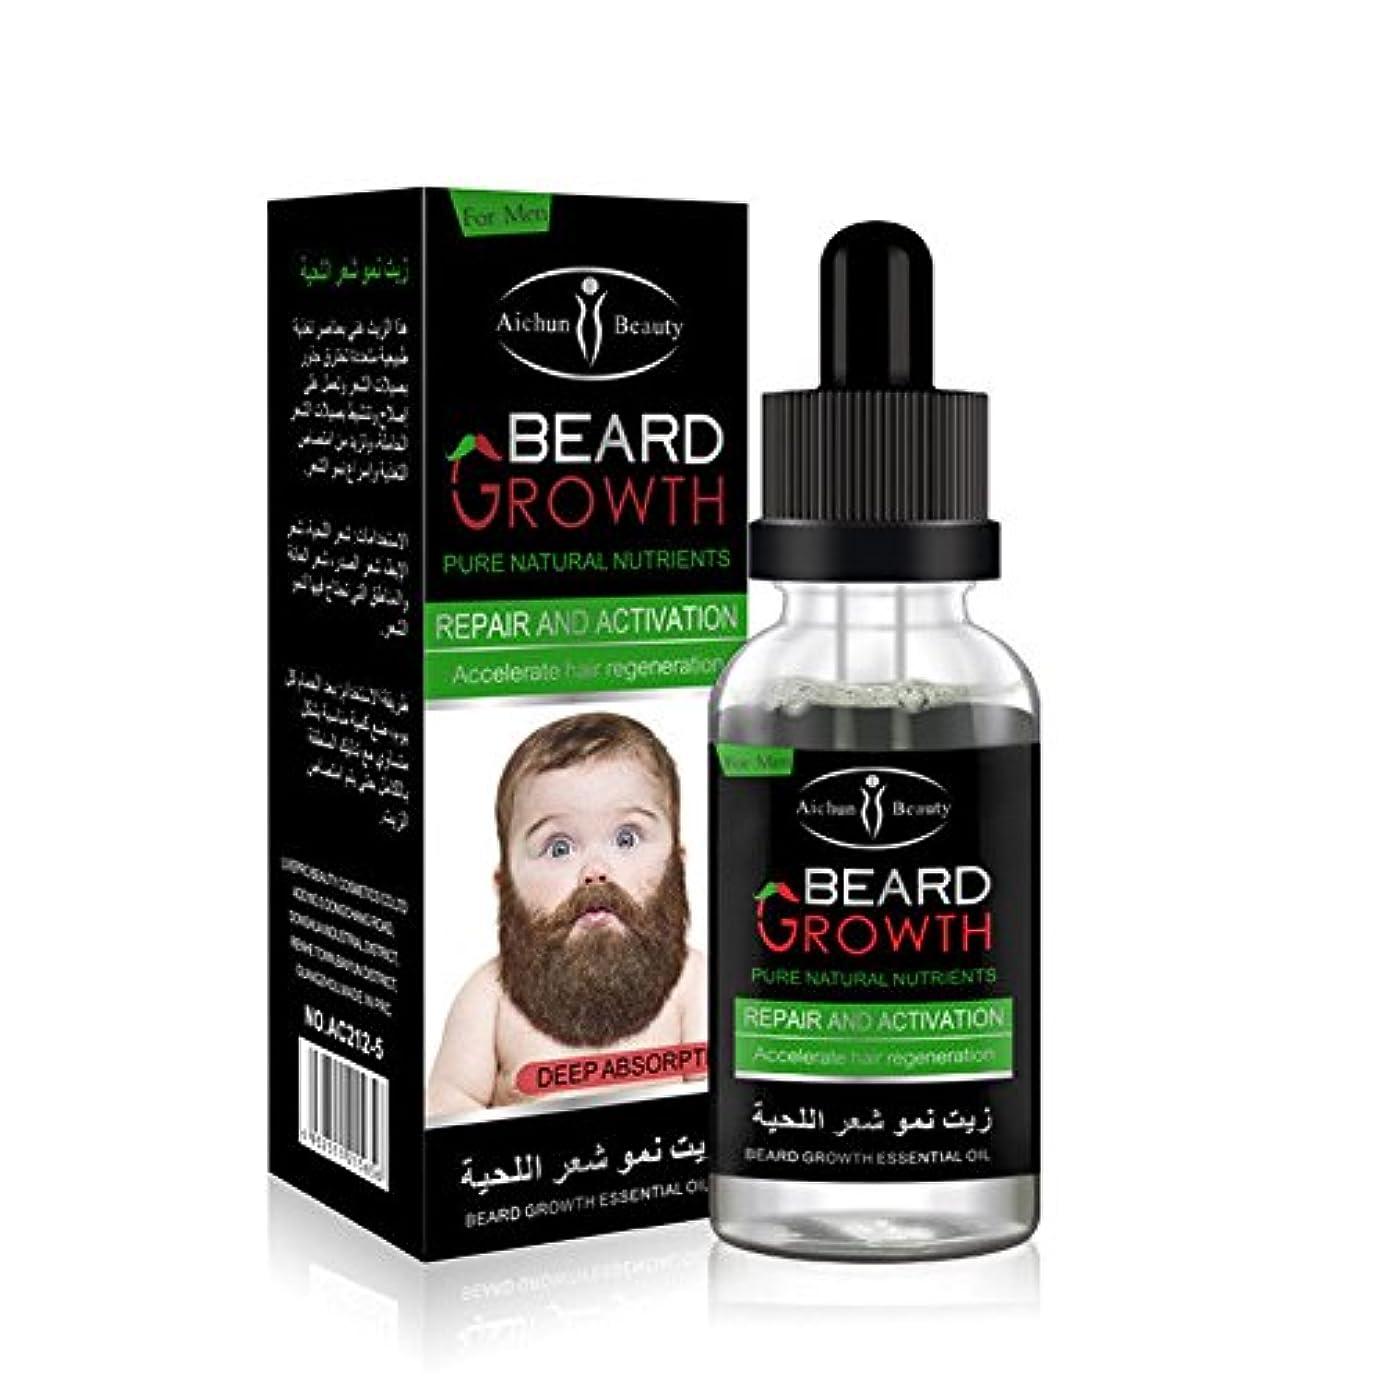 常習的フィードバック想像する男性の髭ケア グルーミング コスメトロジー ひげ油 ひげワックス ひげ 収納袋付き (#1)